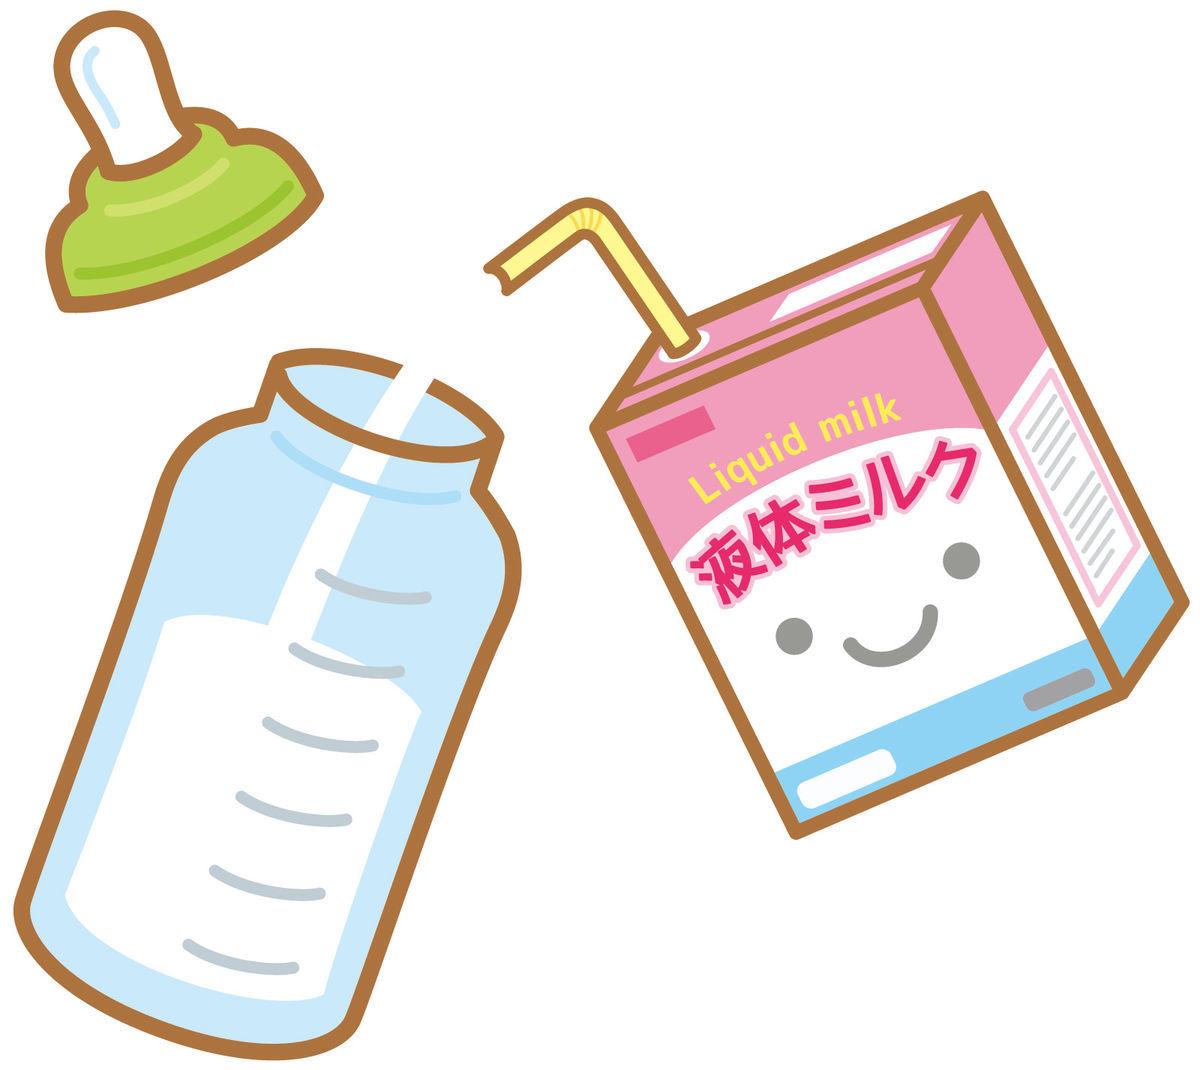 赤ちゃんのミルク